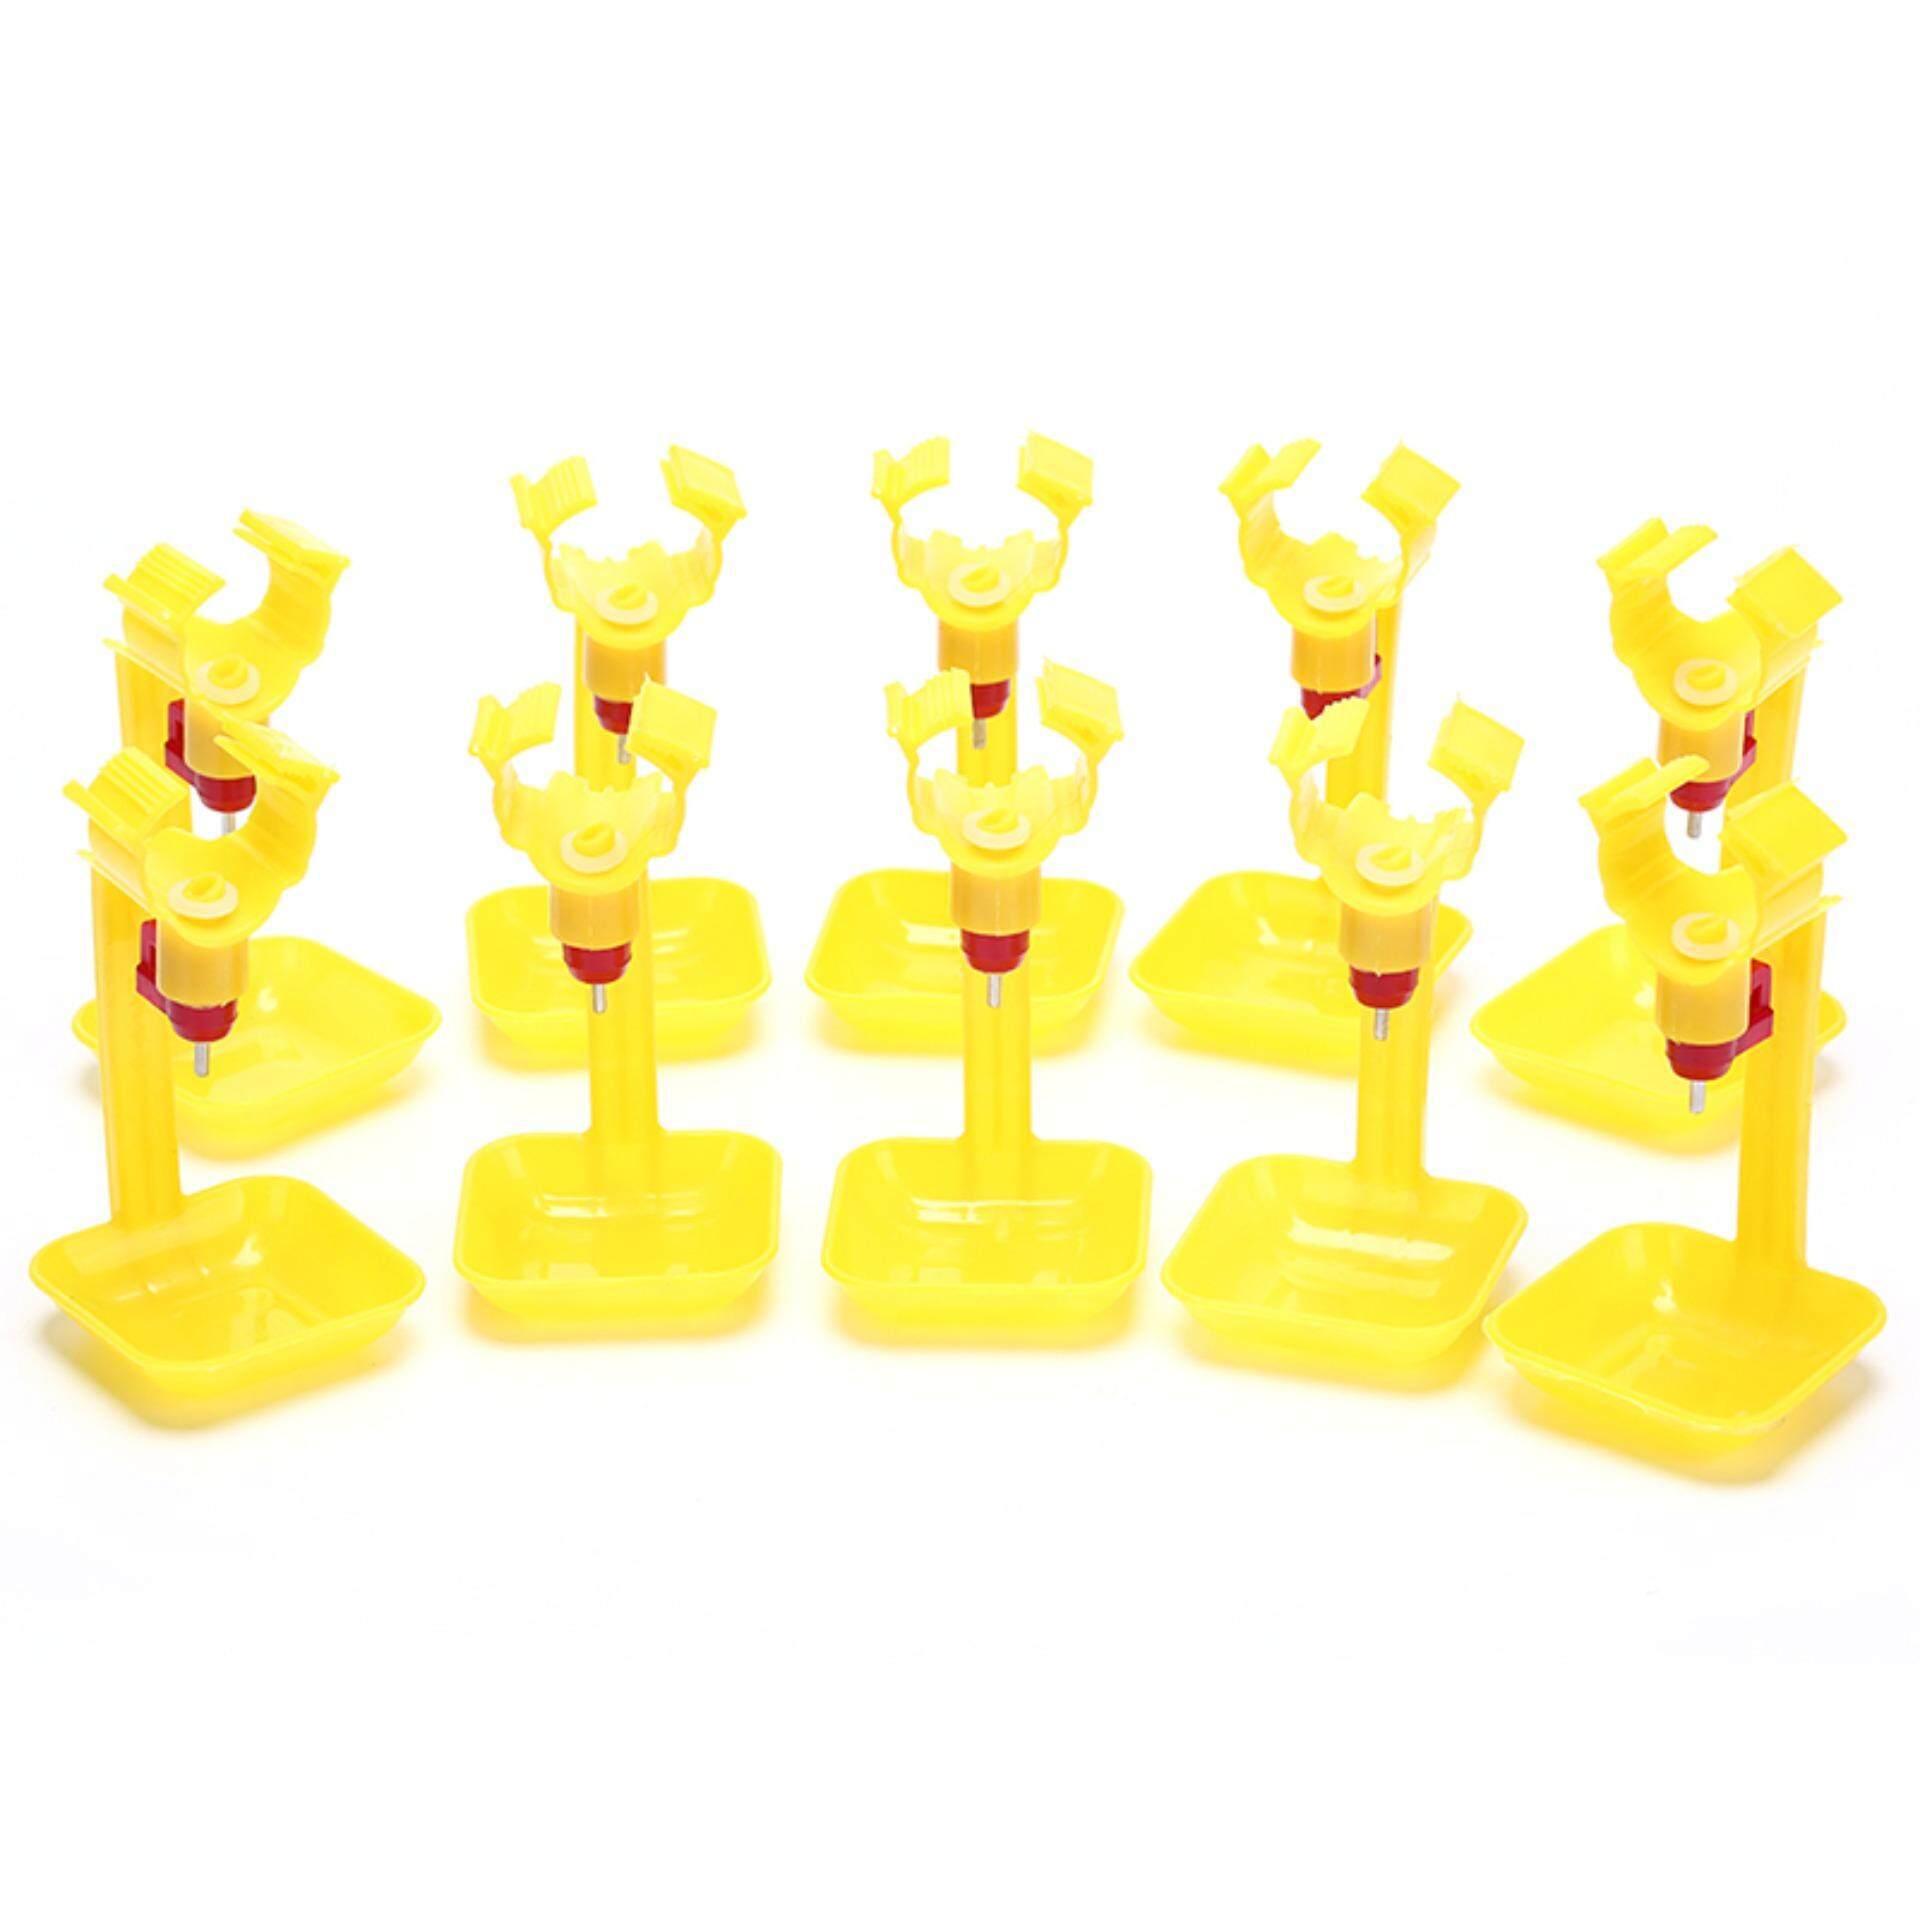 Ayam Bola Minum Kuning Pancuran Air Minum Alat Ayam Unggas Burung Puyuh Tempat Makanan Ternak Ayam Berair By Flying Cloud.